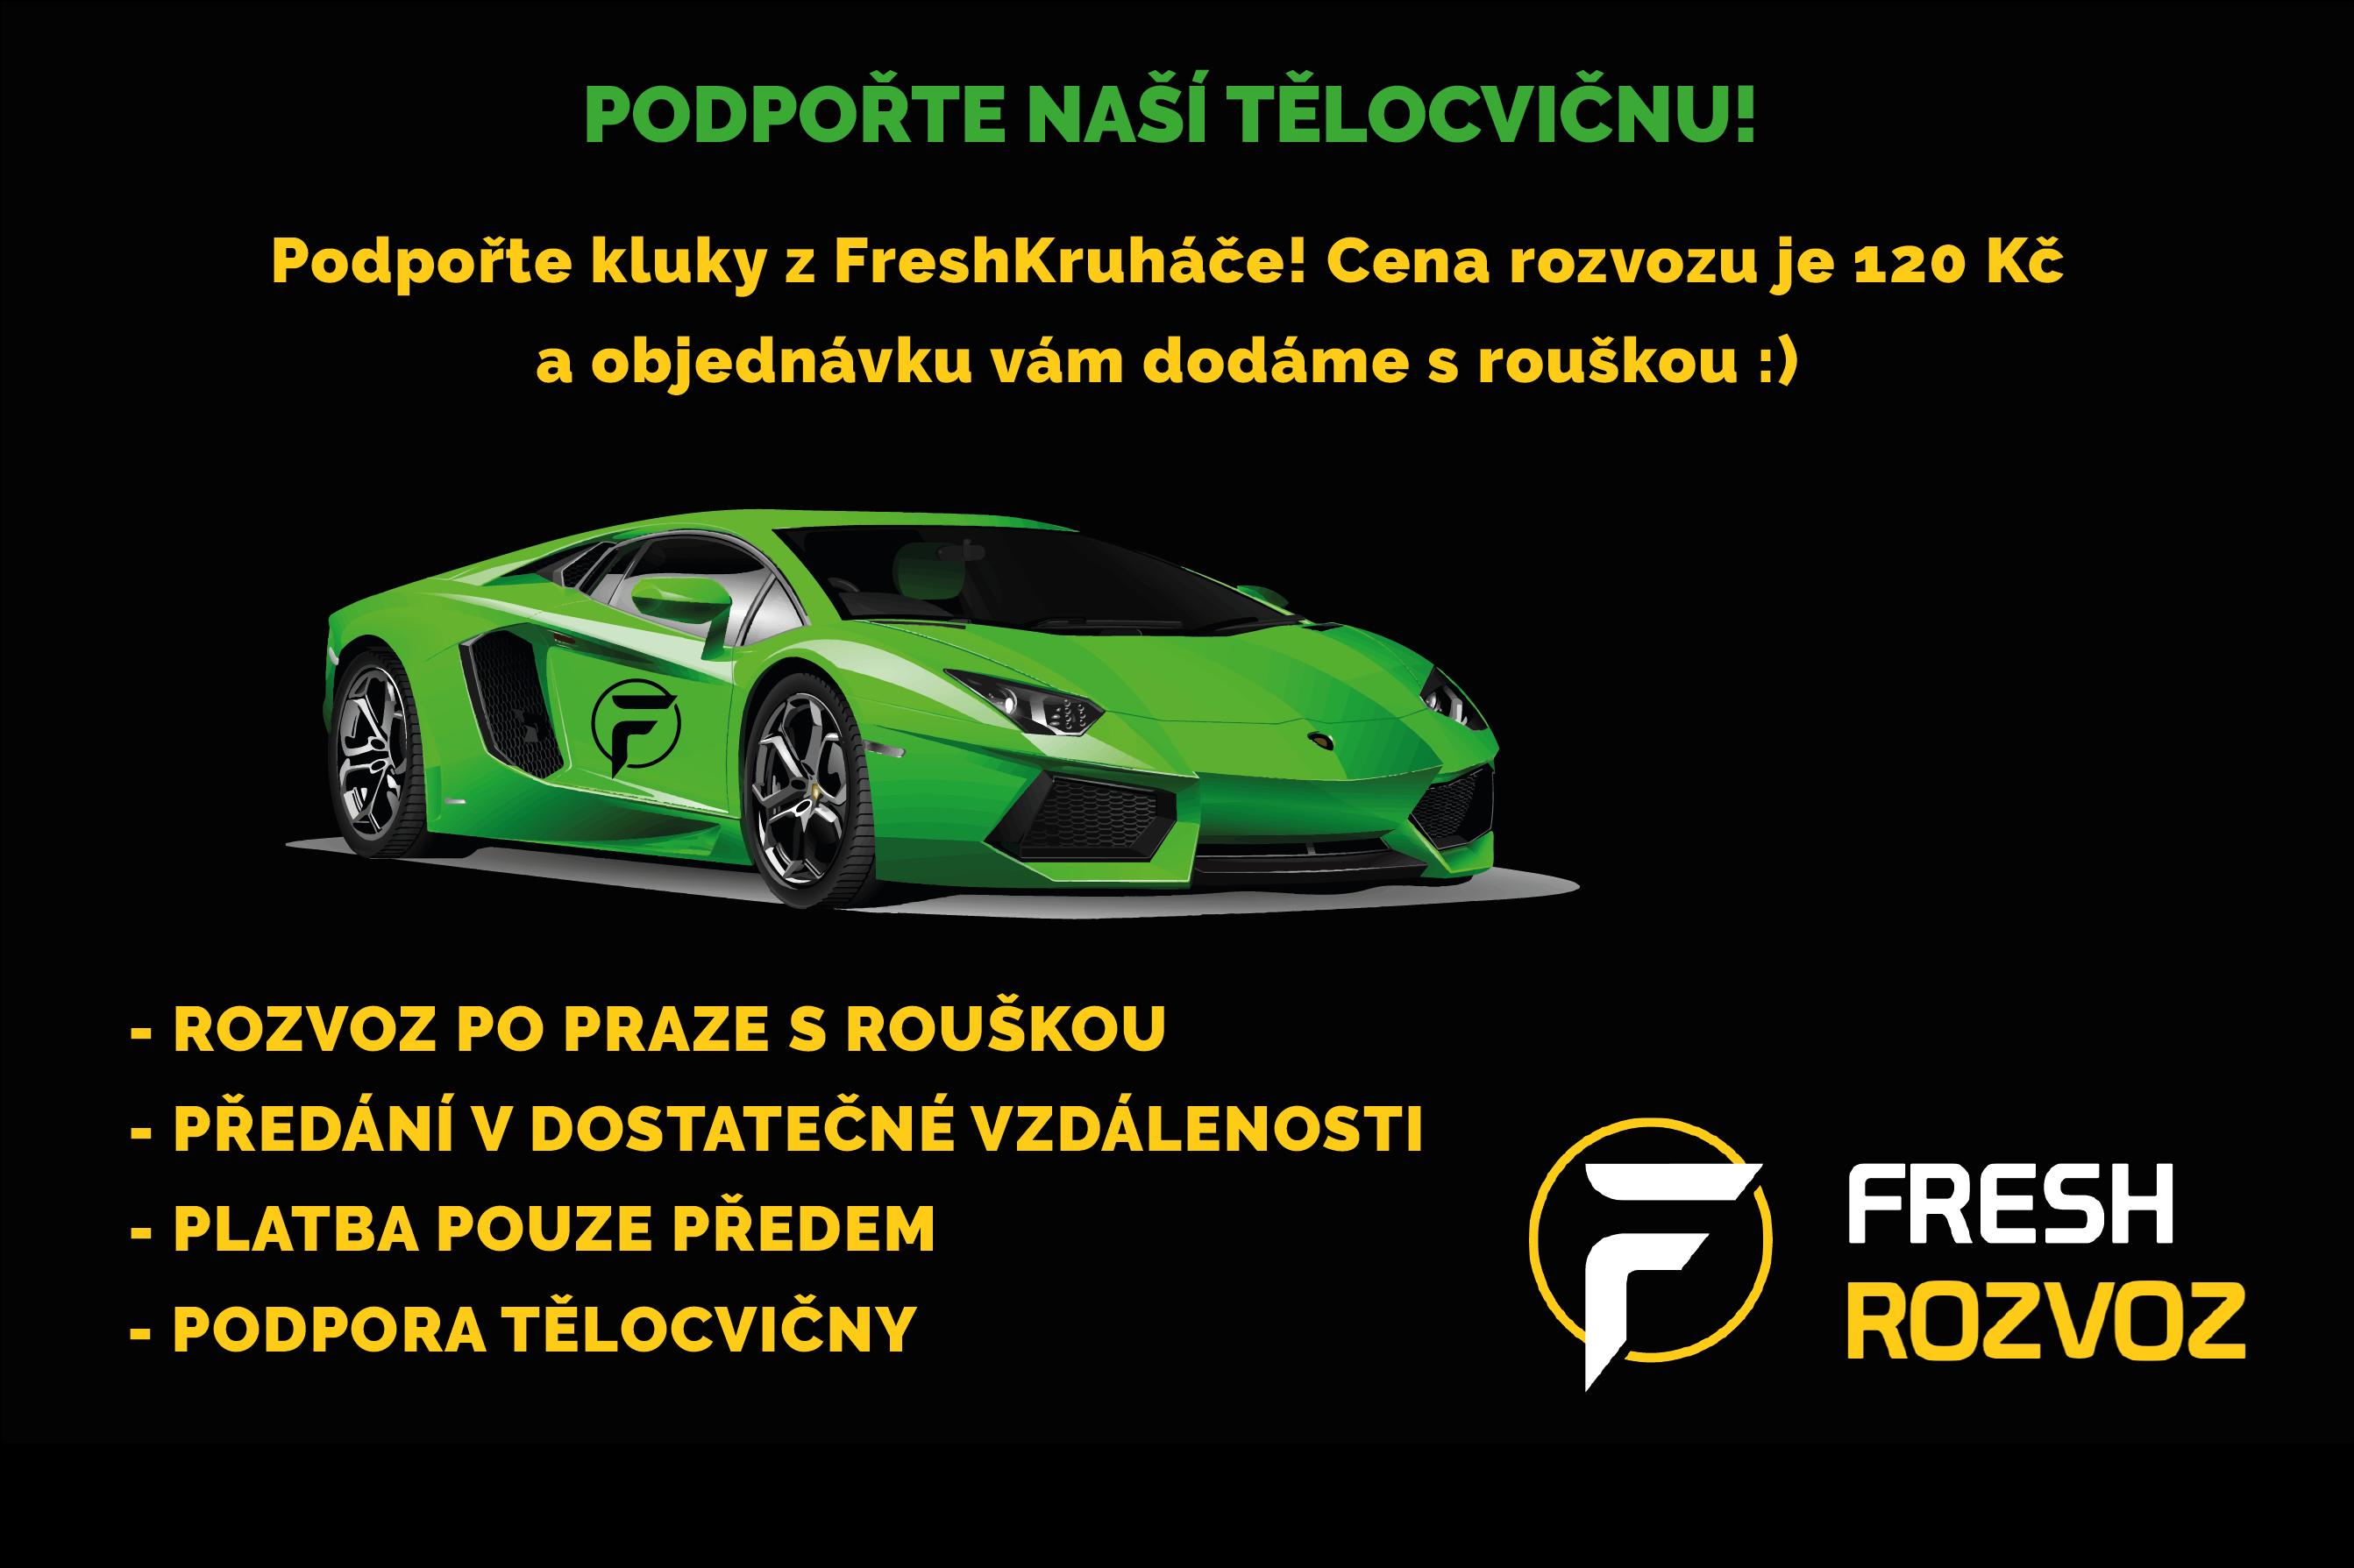 FreshRozvoz